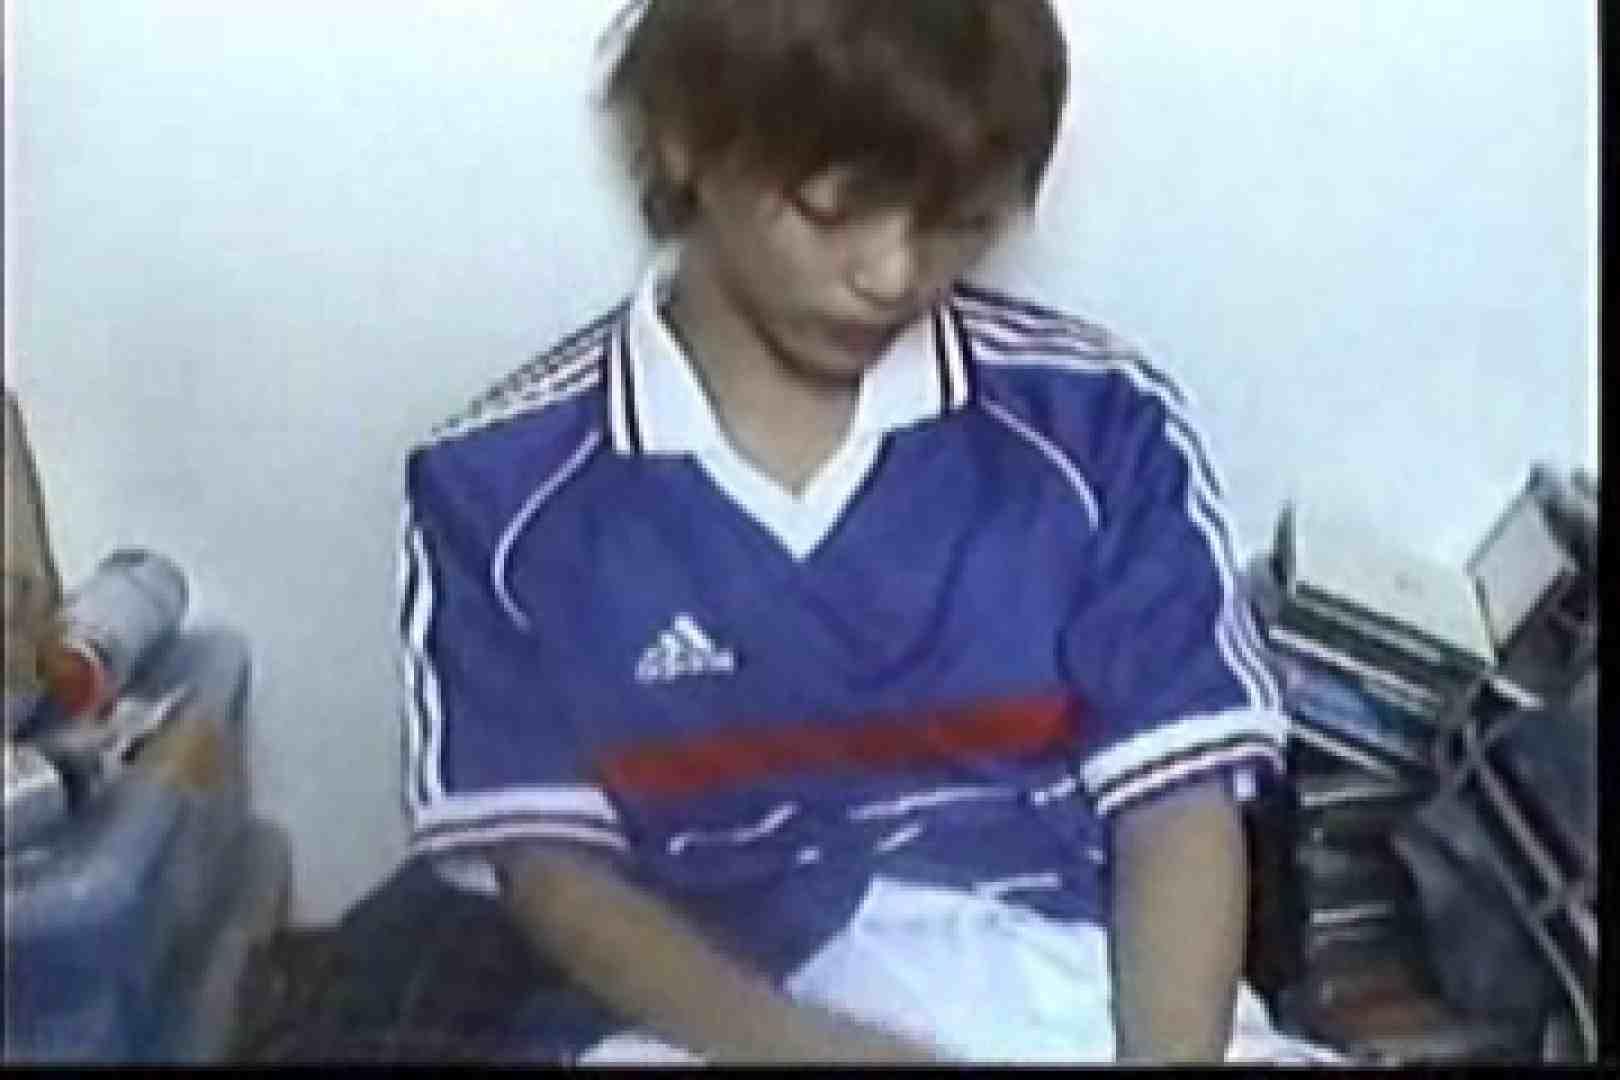 【流出】知られざる僕の秘密…vol.03 射精特集 GAY無修正エロ動画 115枚 7